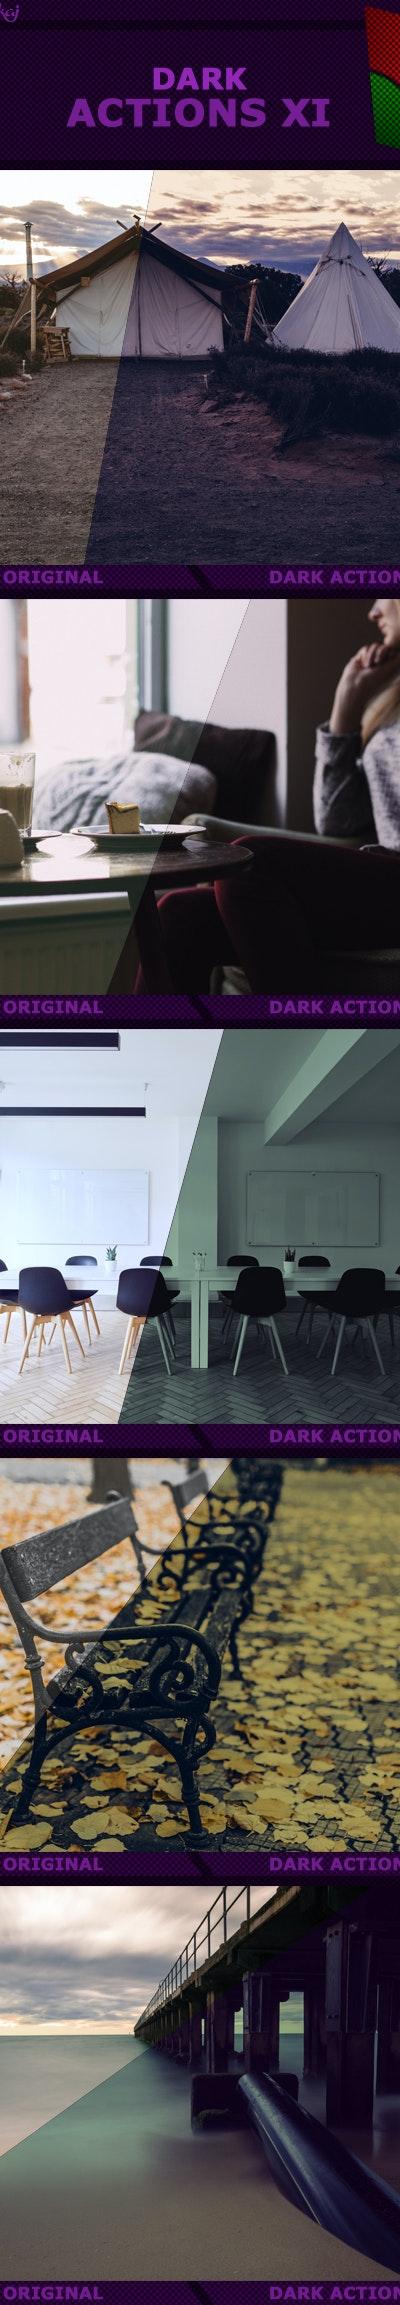 Dark%2BActions%2BXI